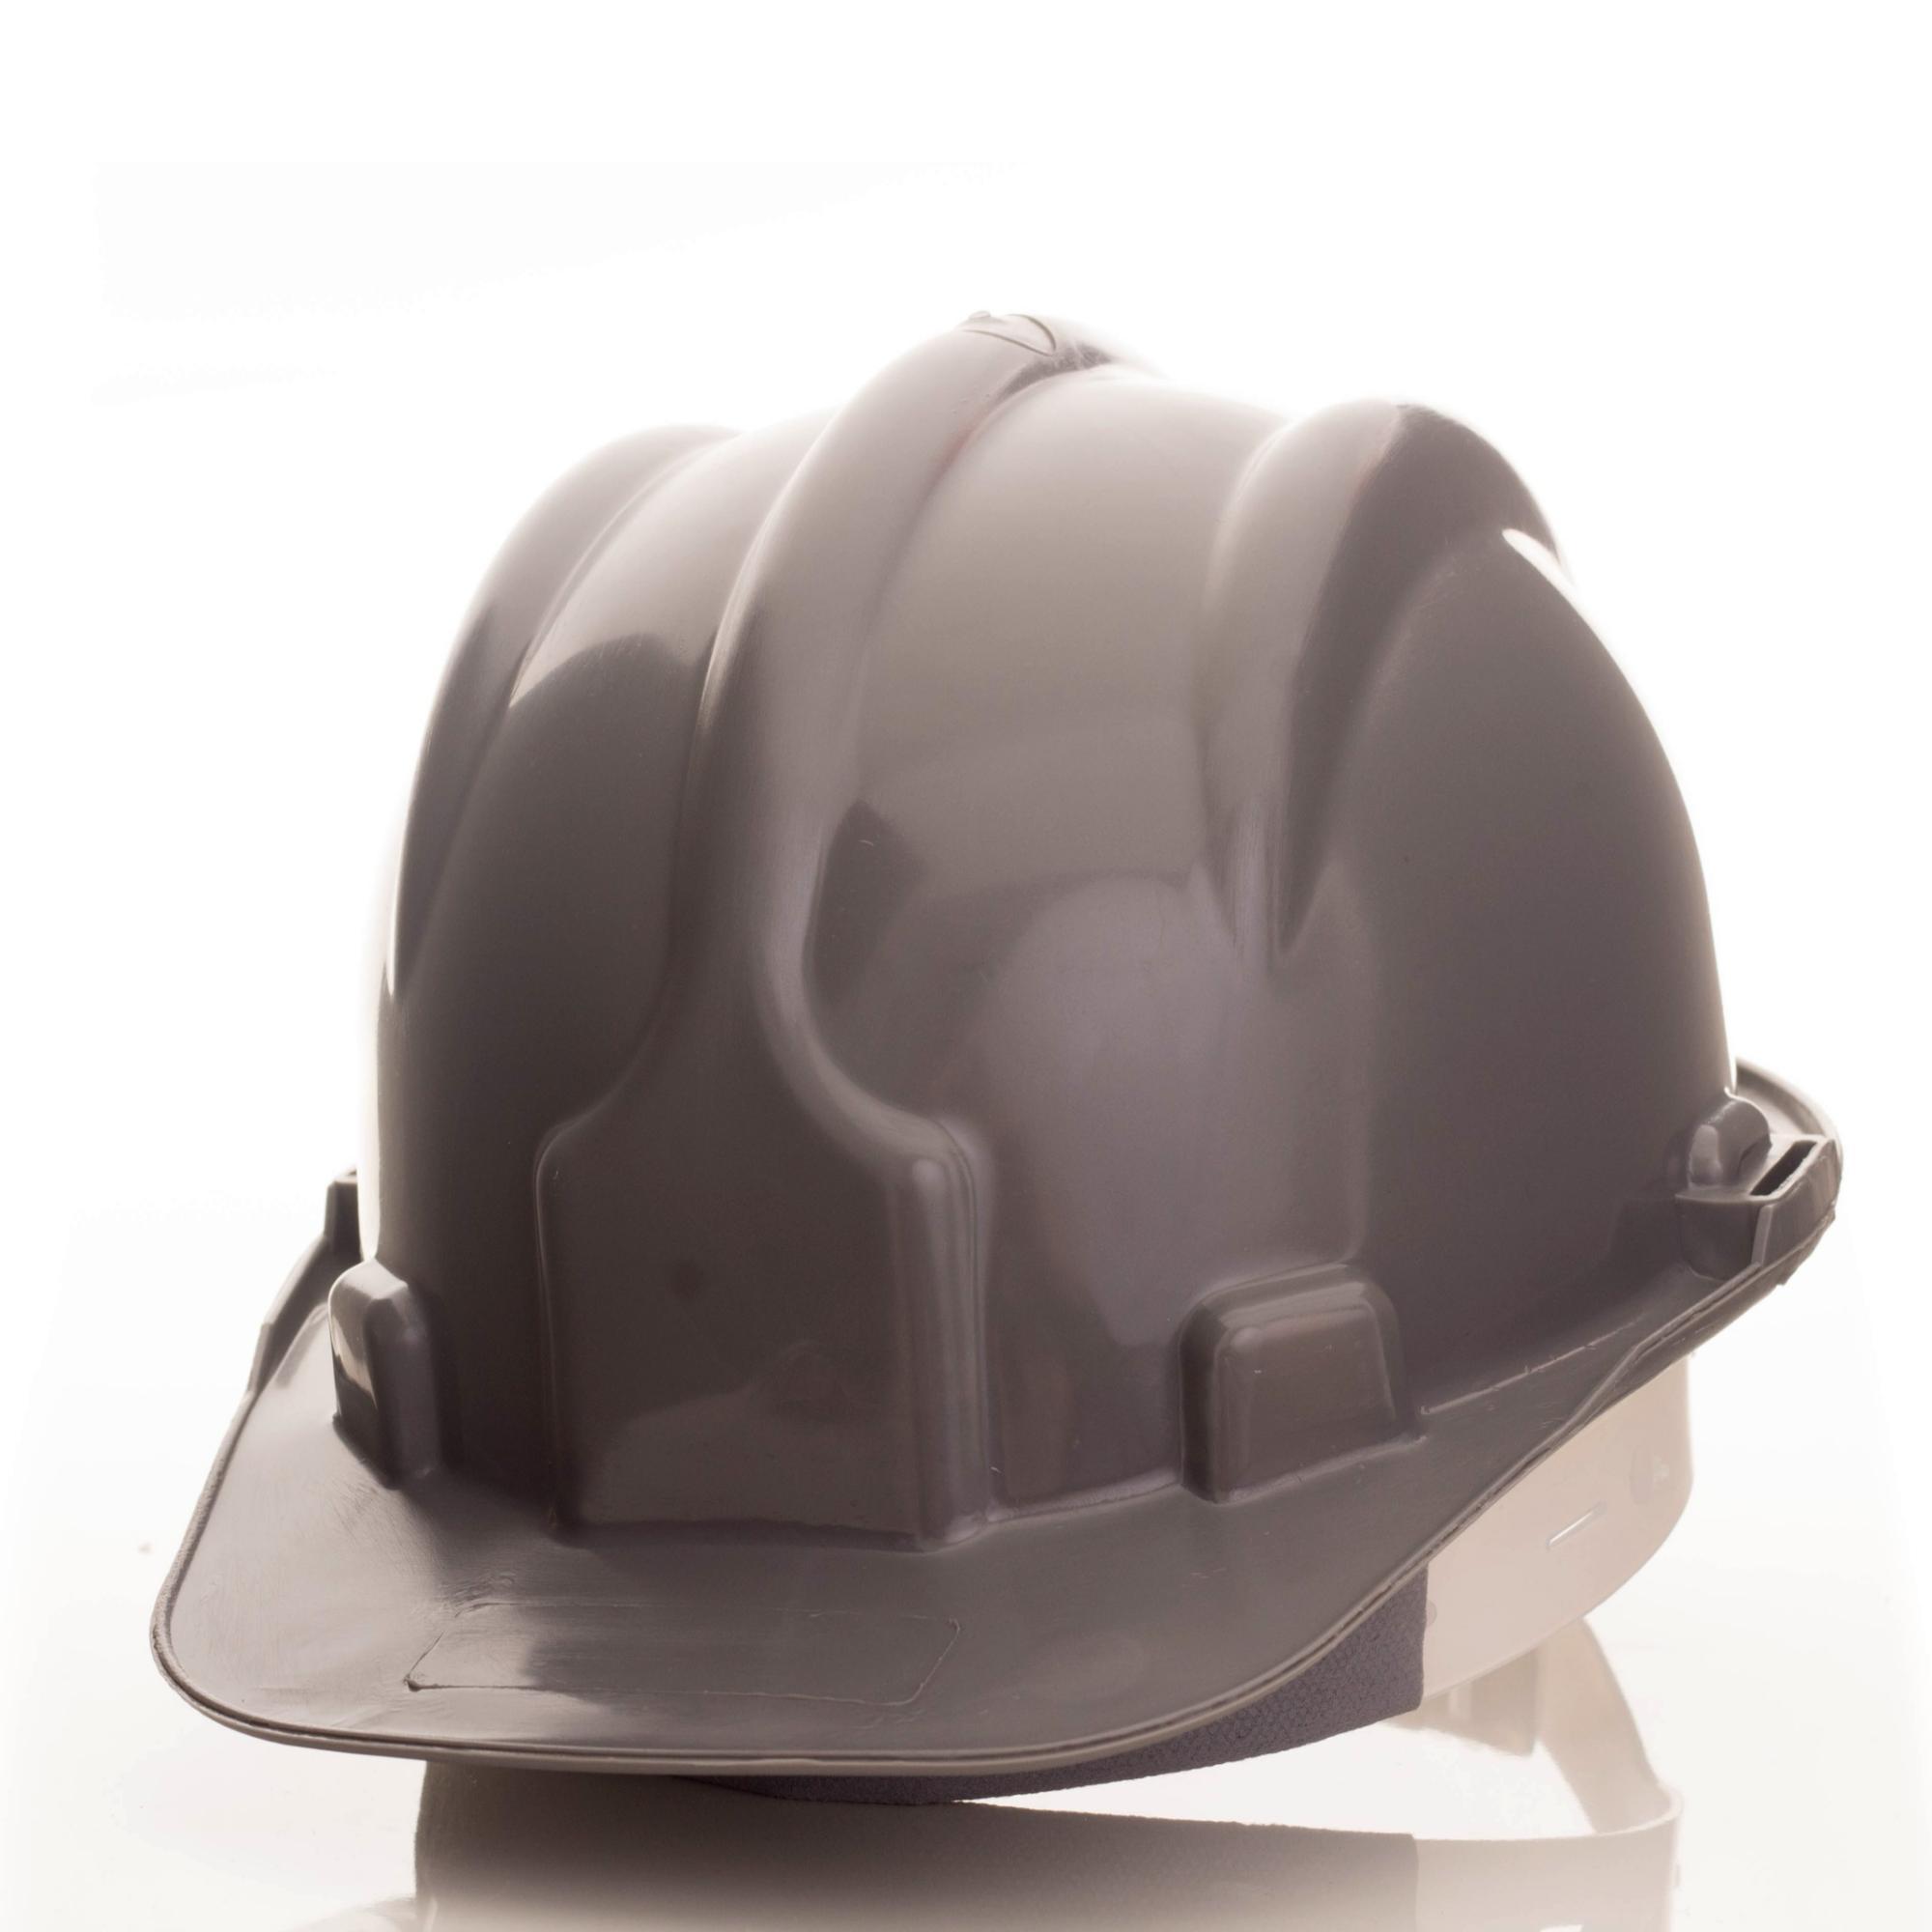 Capacete de Segurança classe B completo com Jugular - Plastcor - C.A. 31469  - DE PAULA EPI